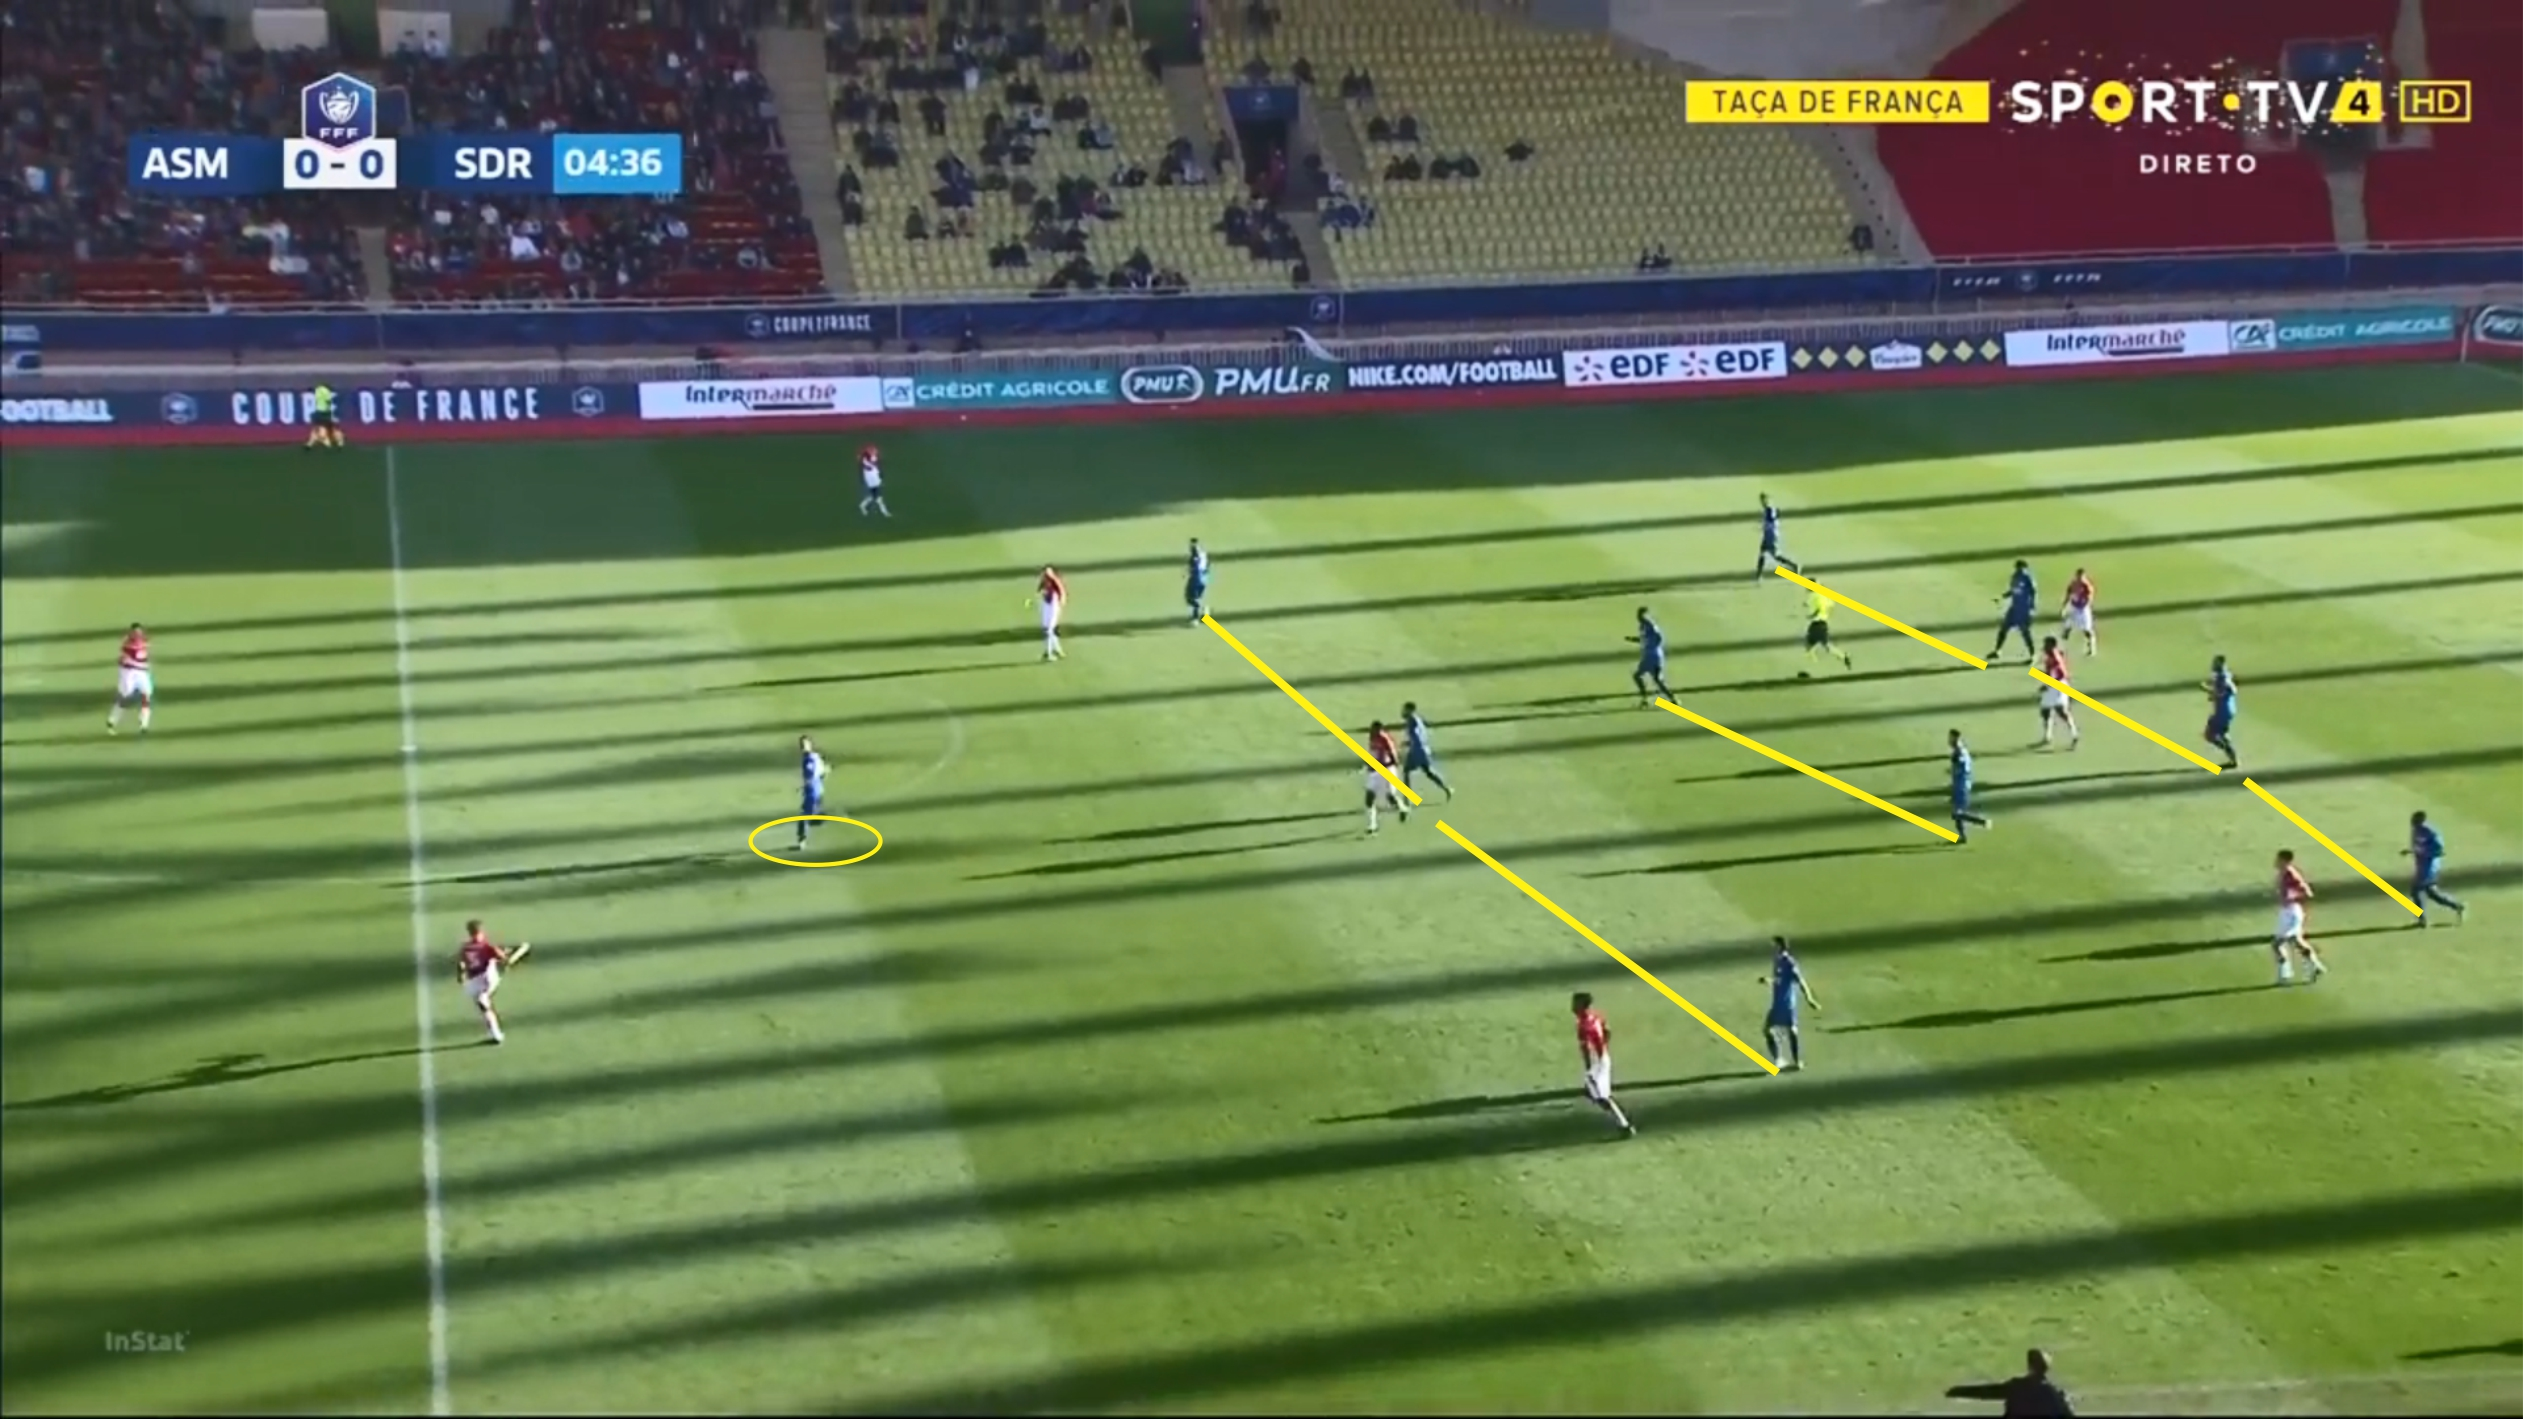 Coupe de France 2019/20: Monaco vs Reims - tactical analysis tactics